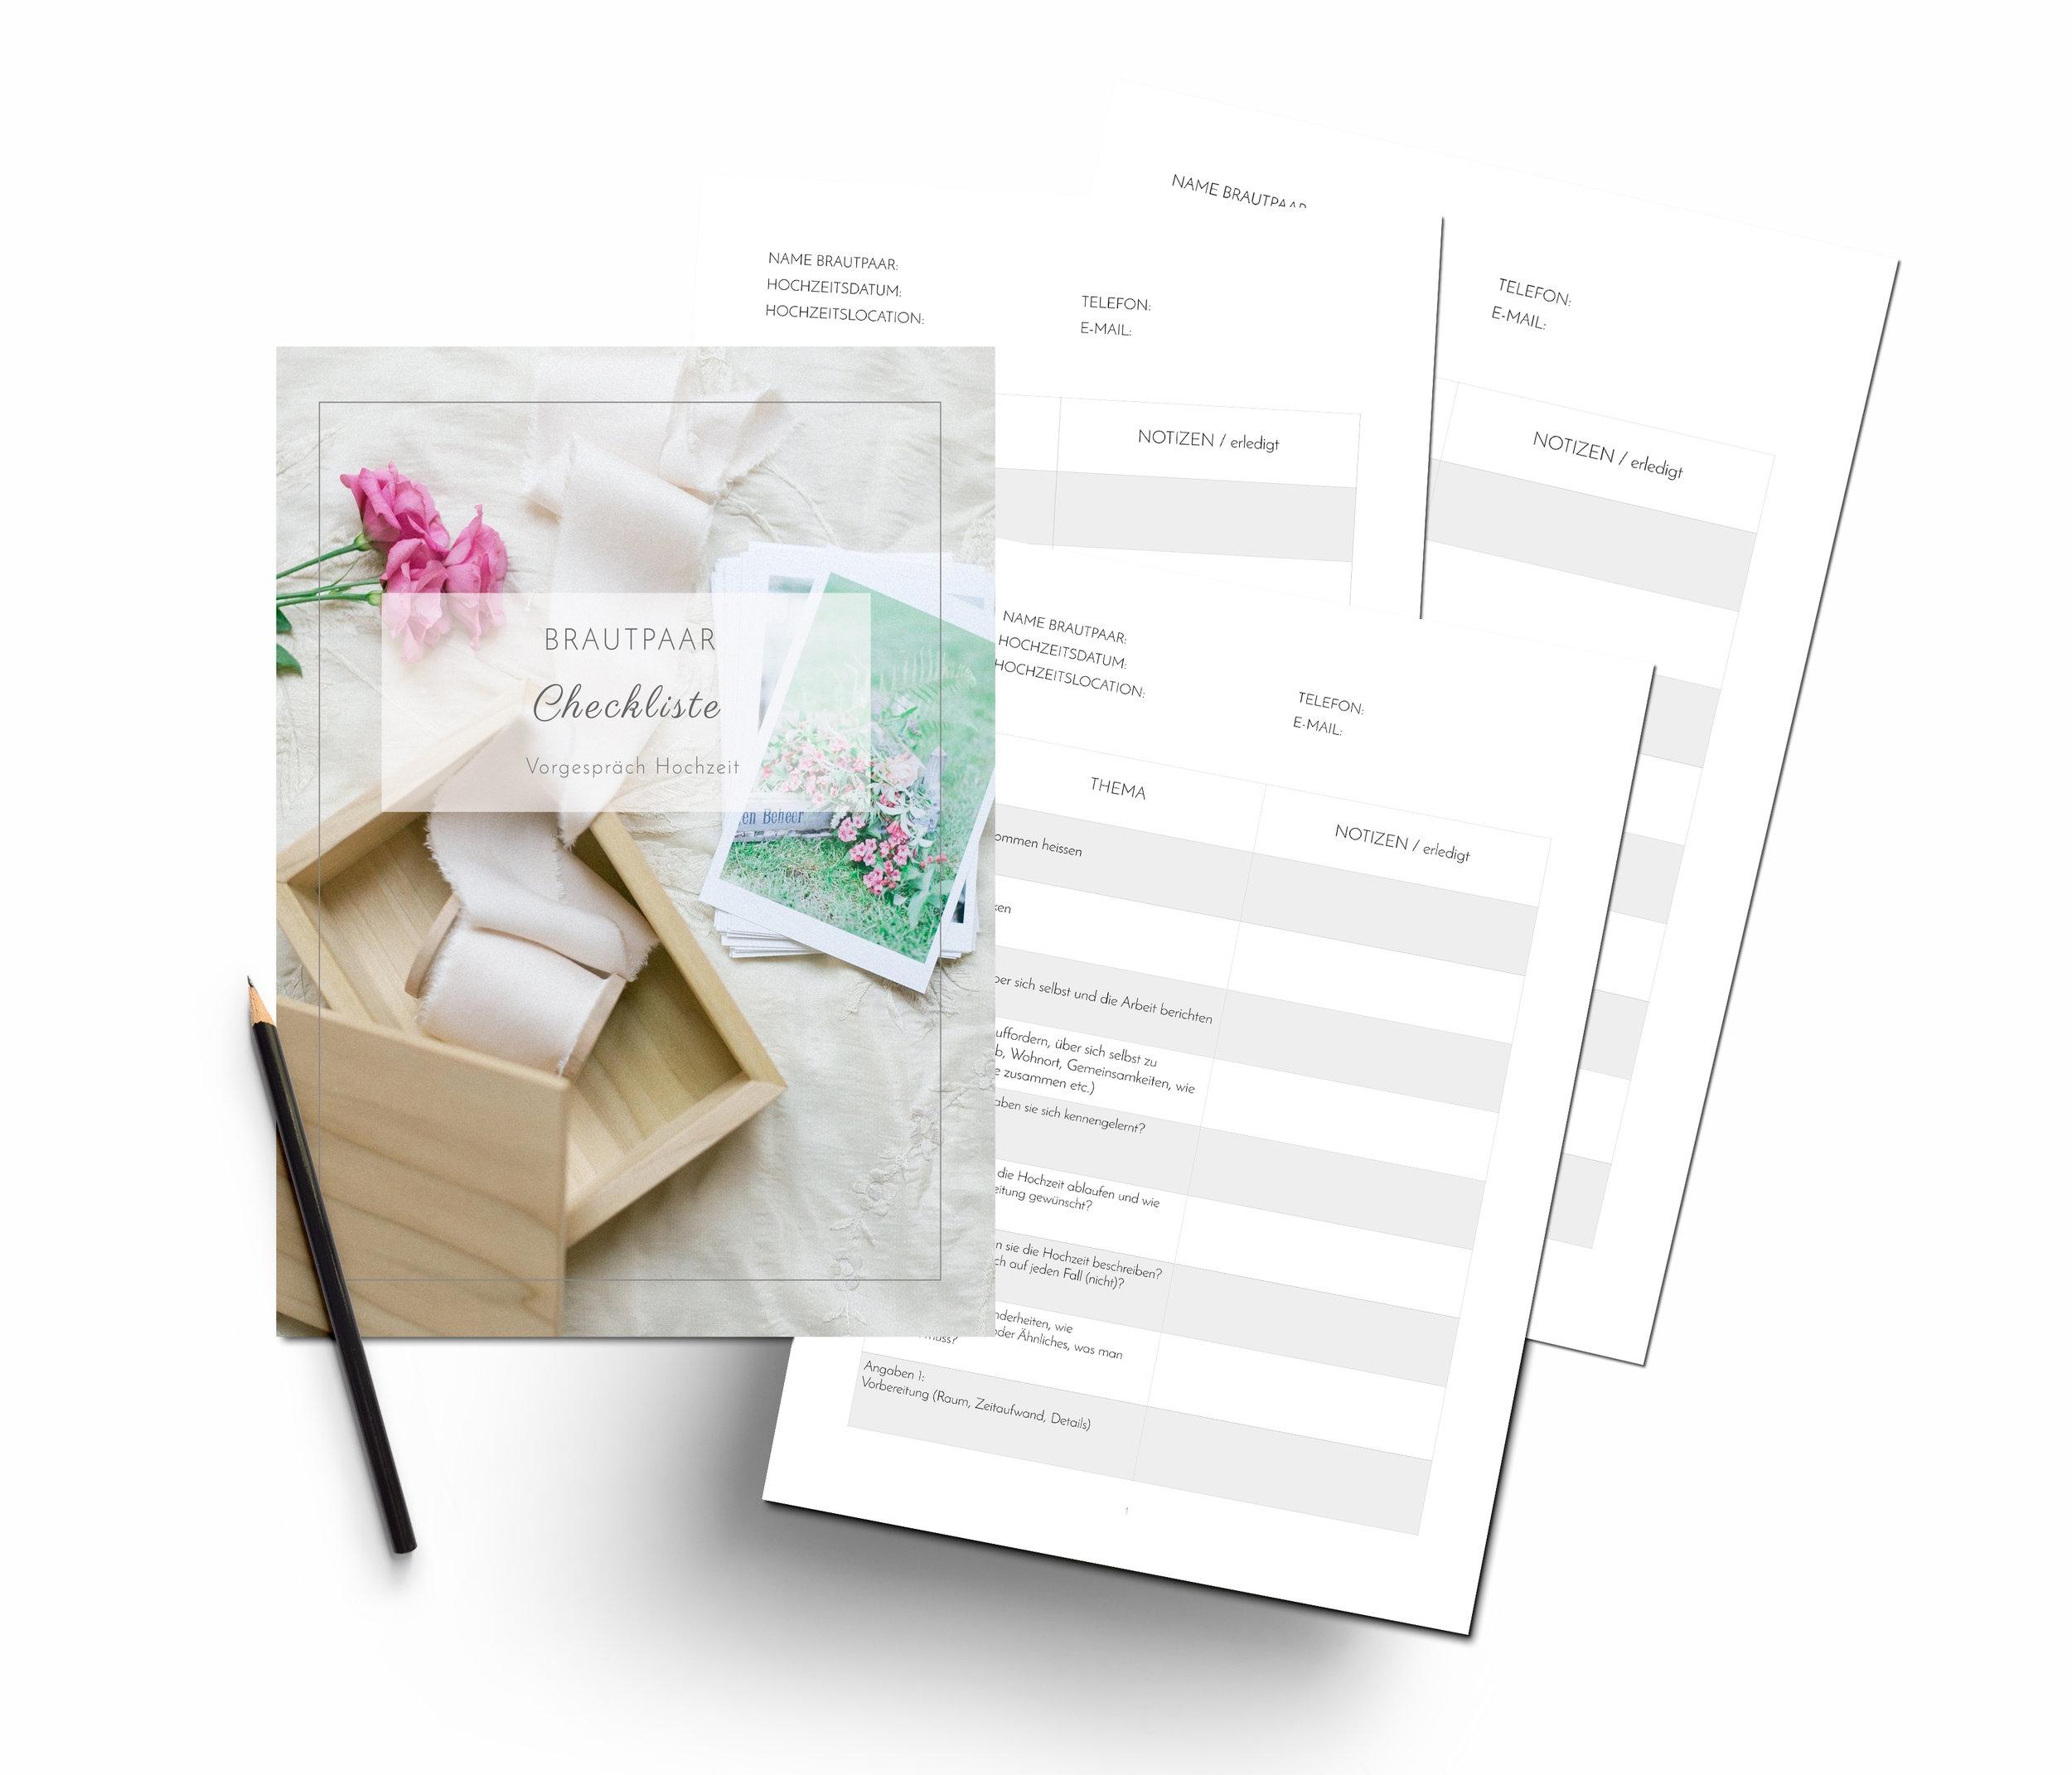 Brautpaar Checkliste - Download hier